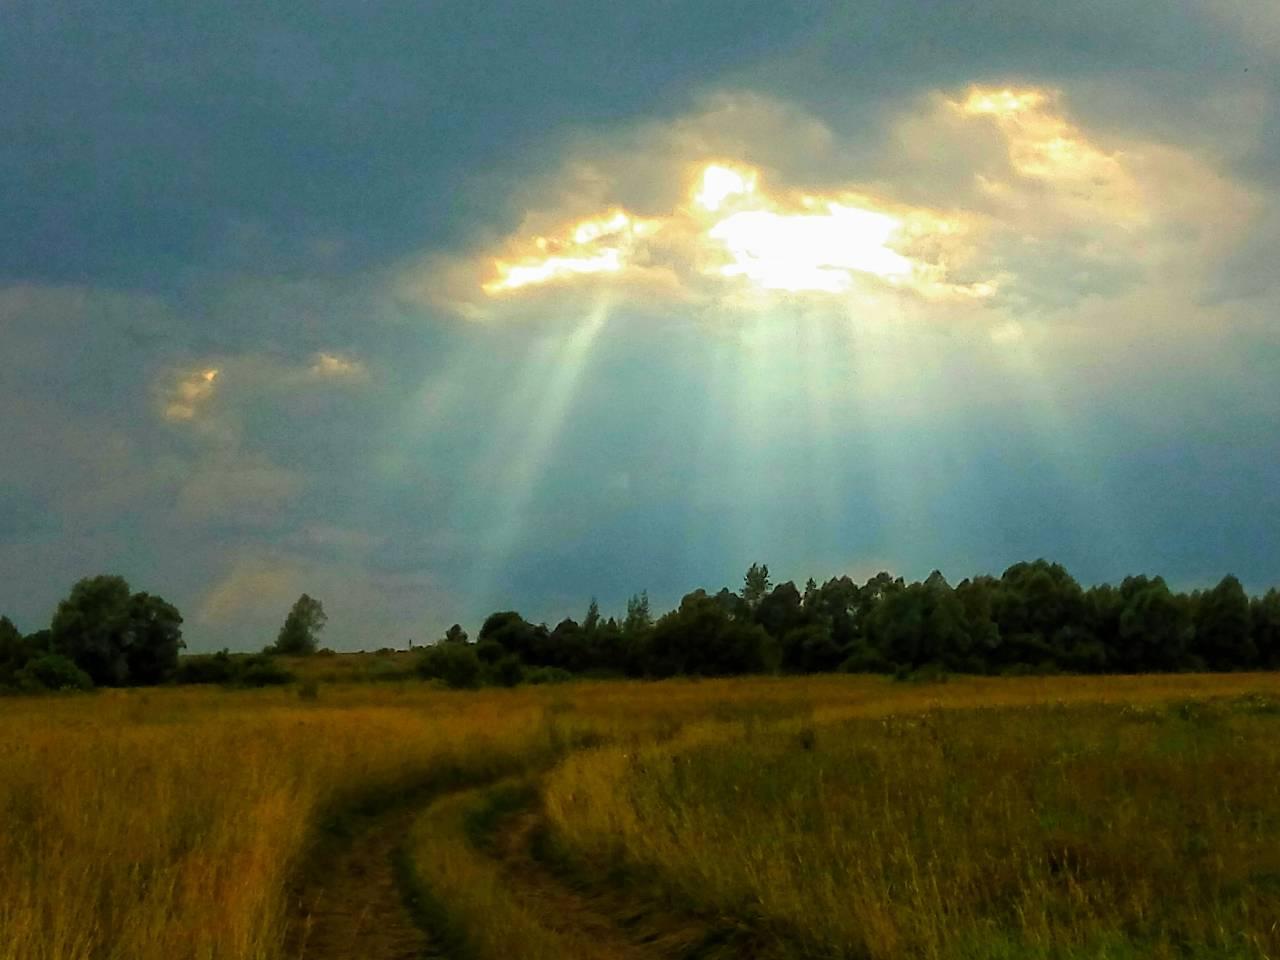 лучи солнца сквозь грозовые тучи photo Sergei